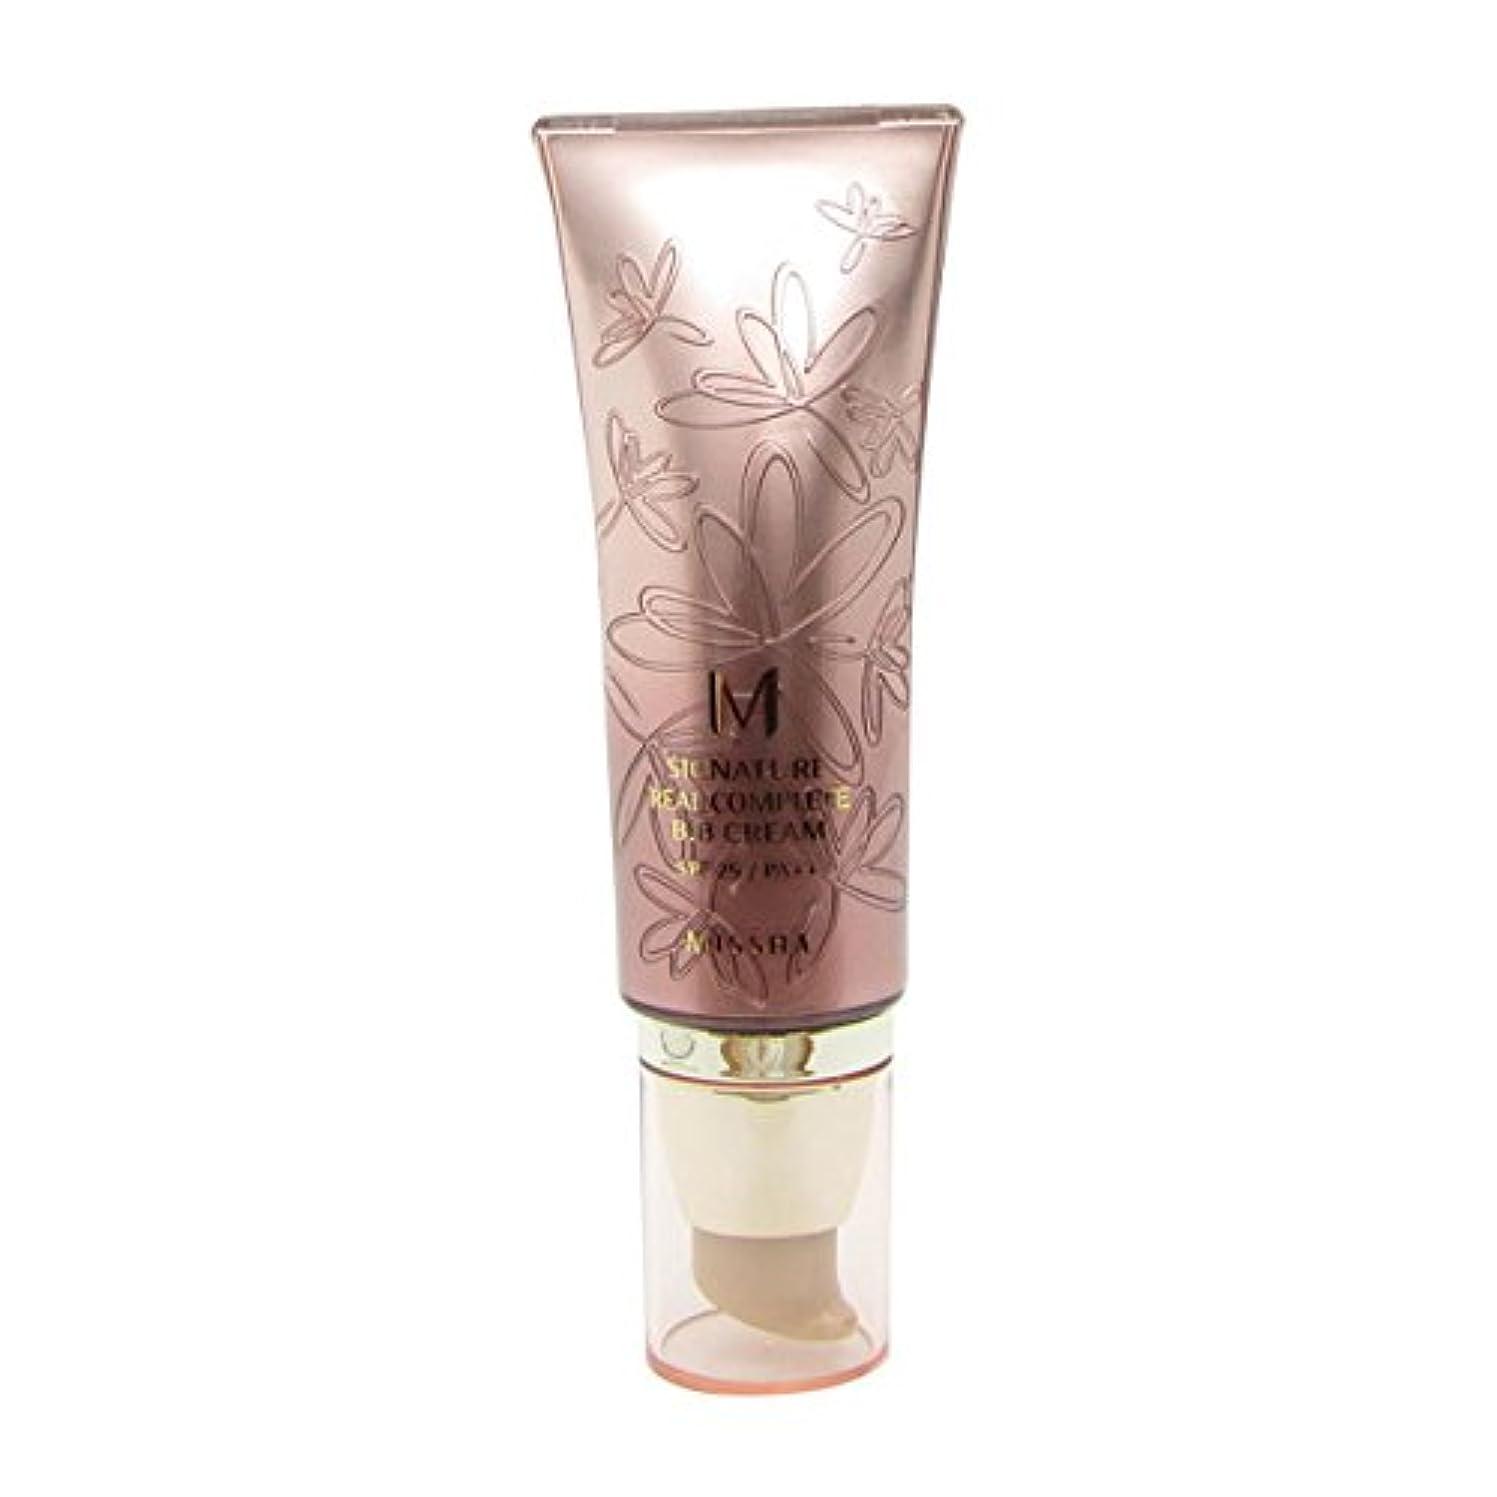 章超越する有害Missha Signature Real Complete Bb Cream Fps25/pa++ No.13 Light Milky Beige 45g [並行輸入品]